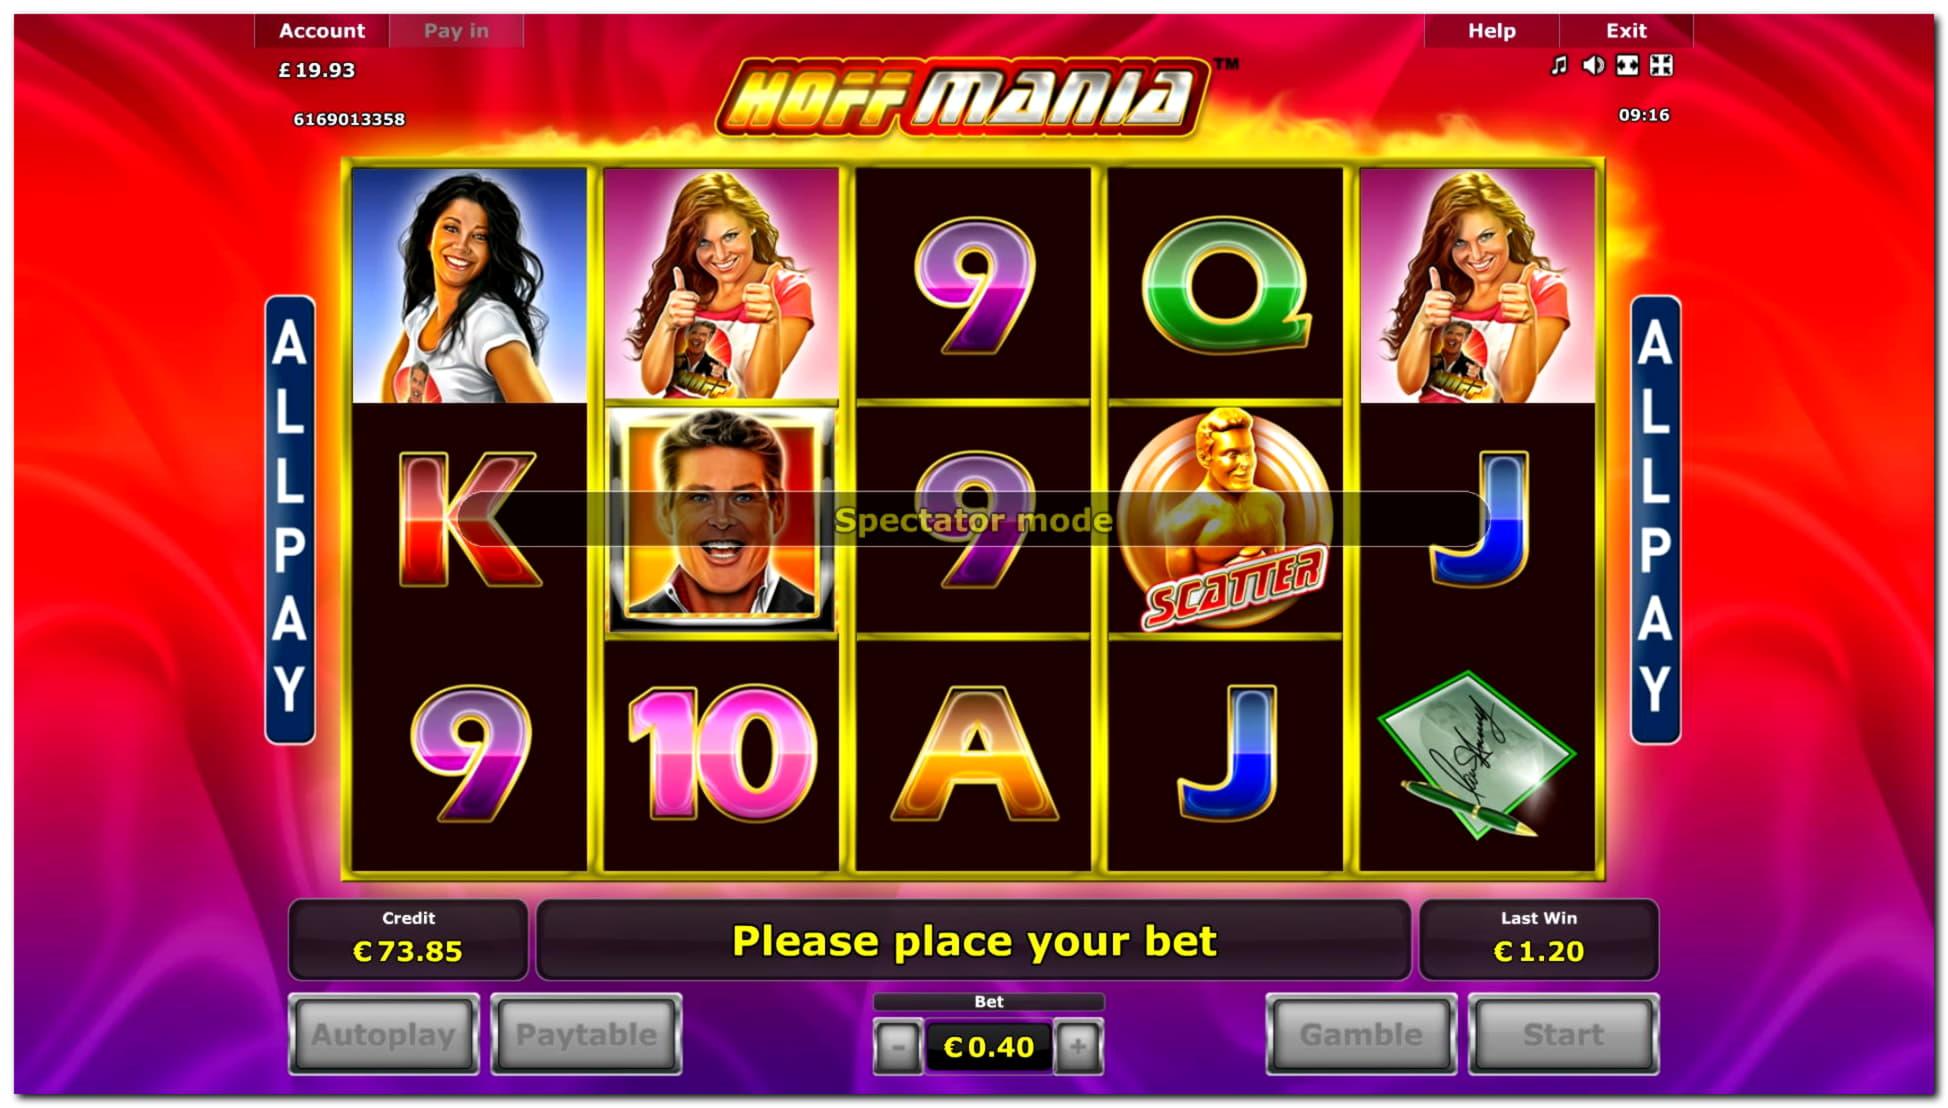 €3480 William Hillカジノのデポジットボーナスカジノはありません